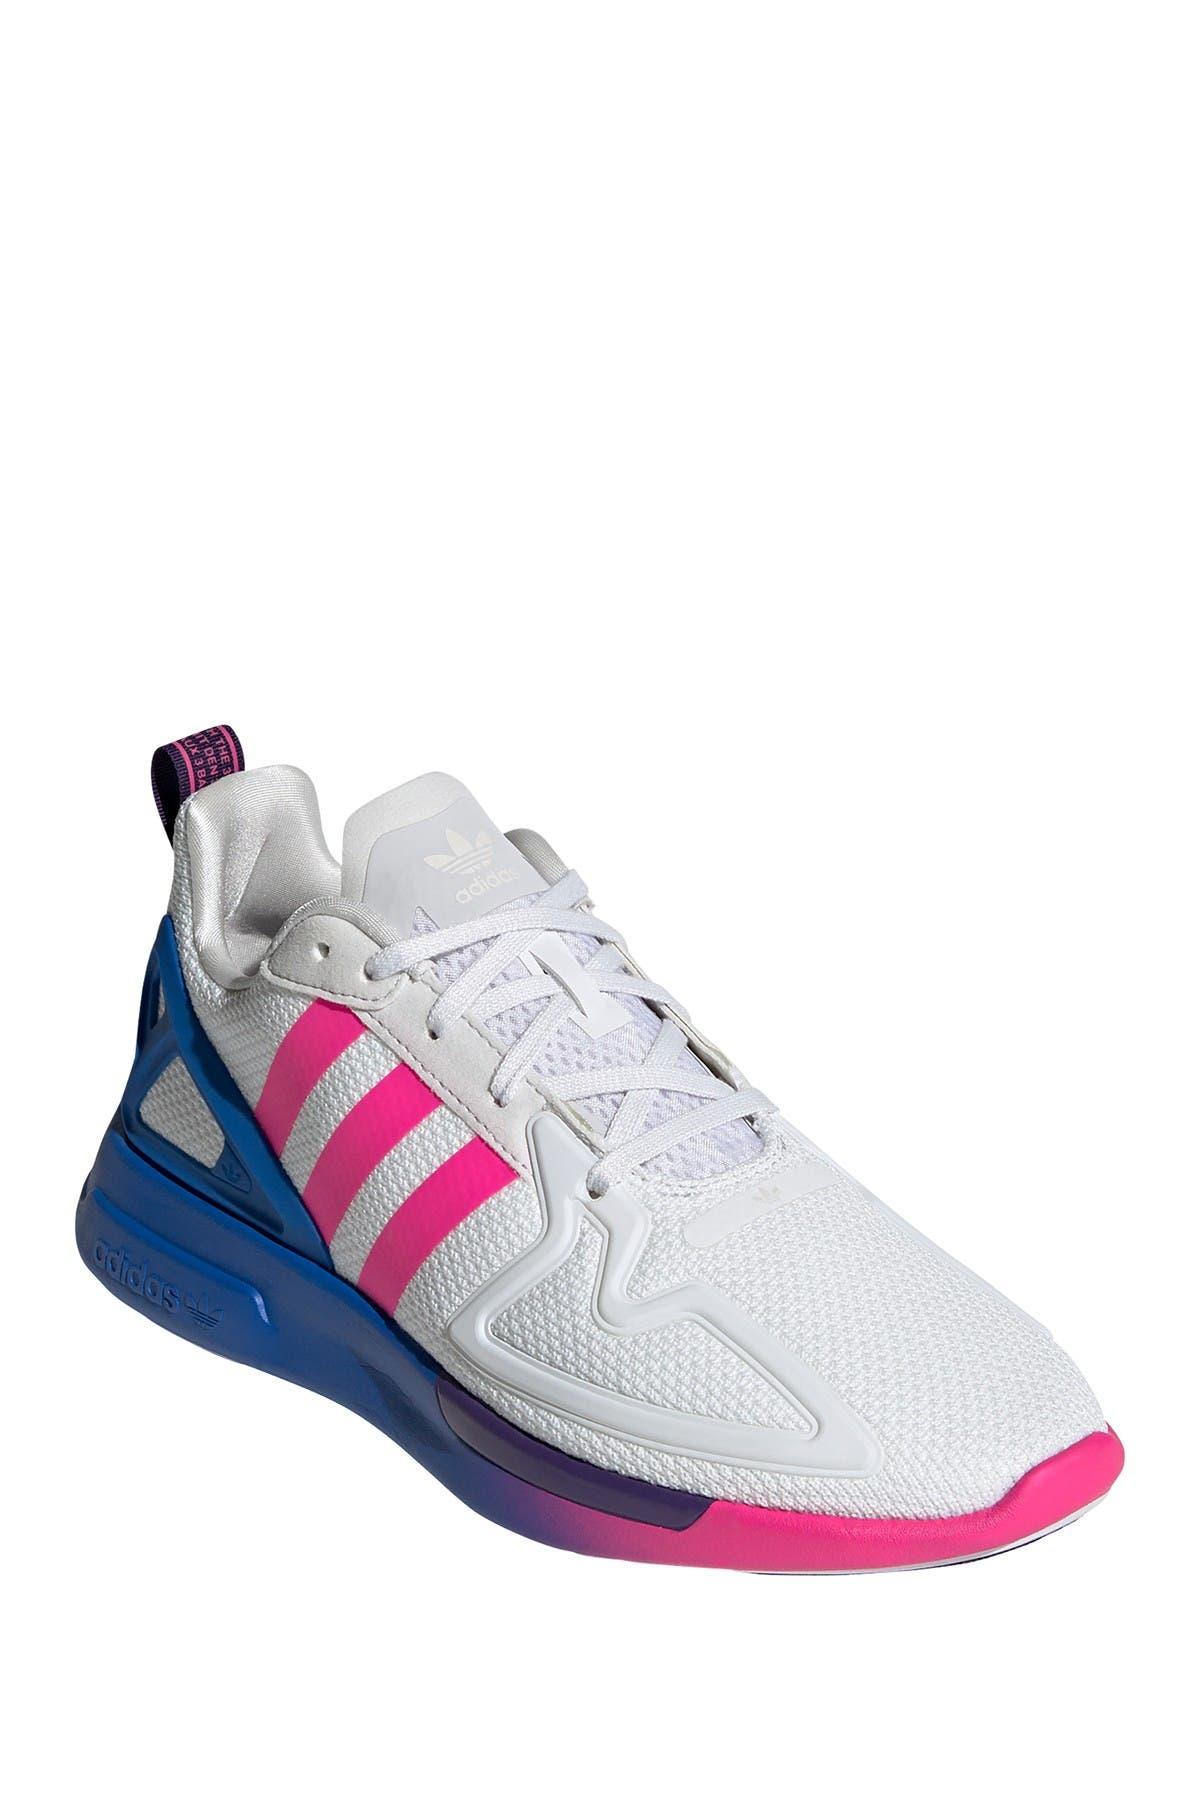 Image of adidas ZX 2K Flux W Sneaker